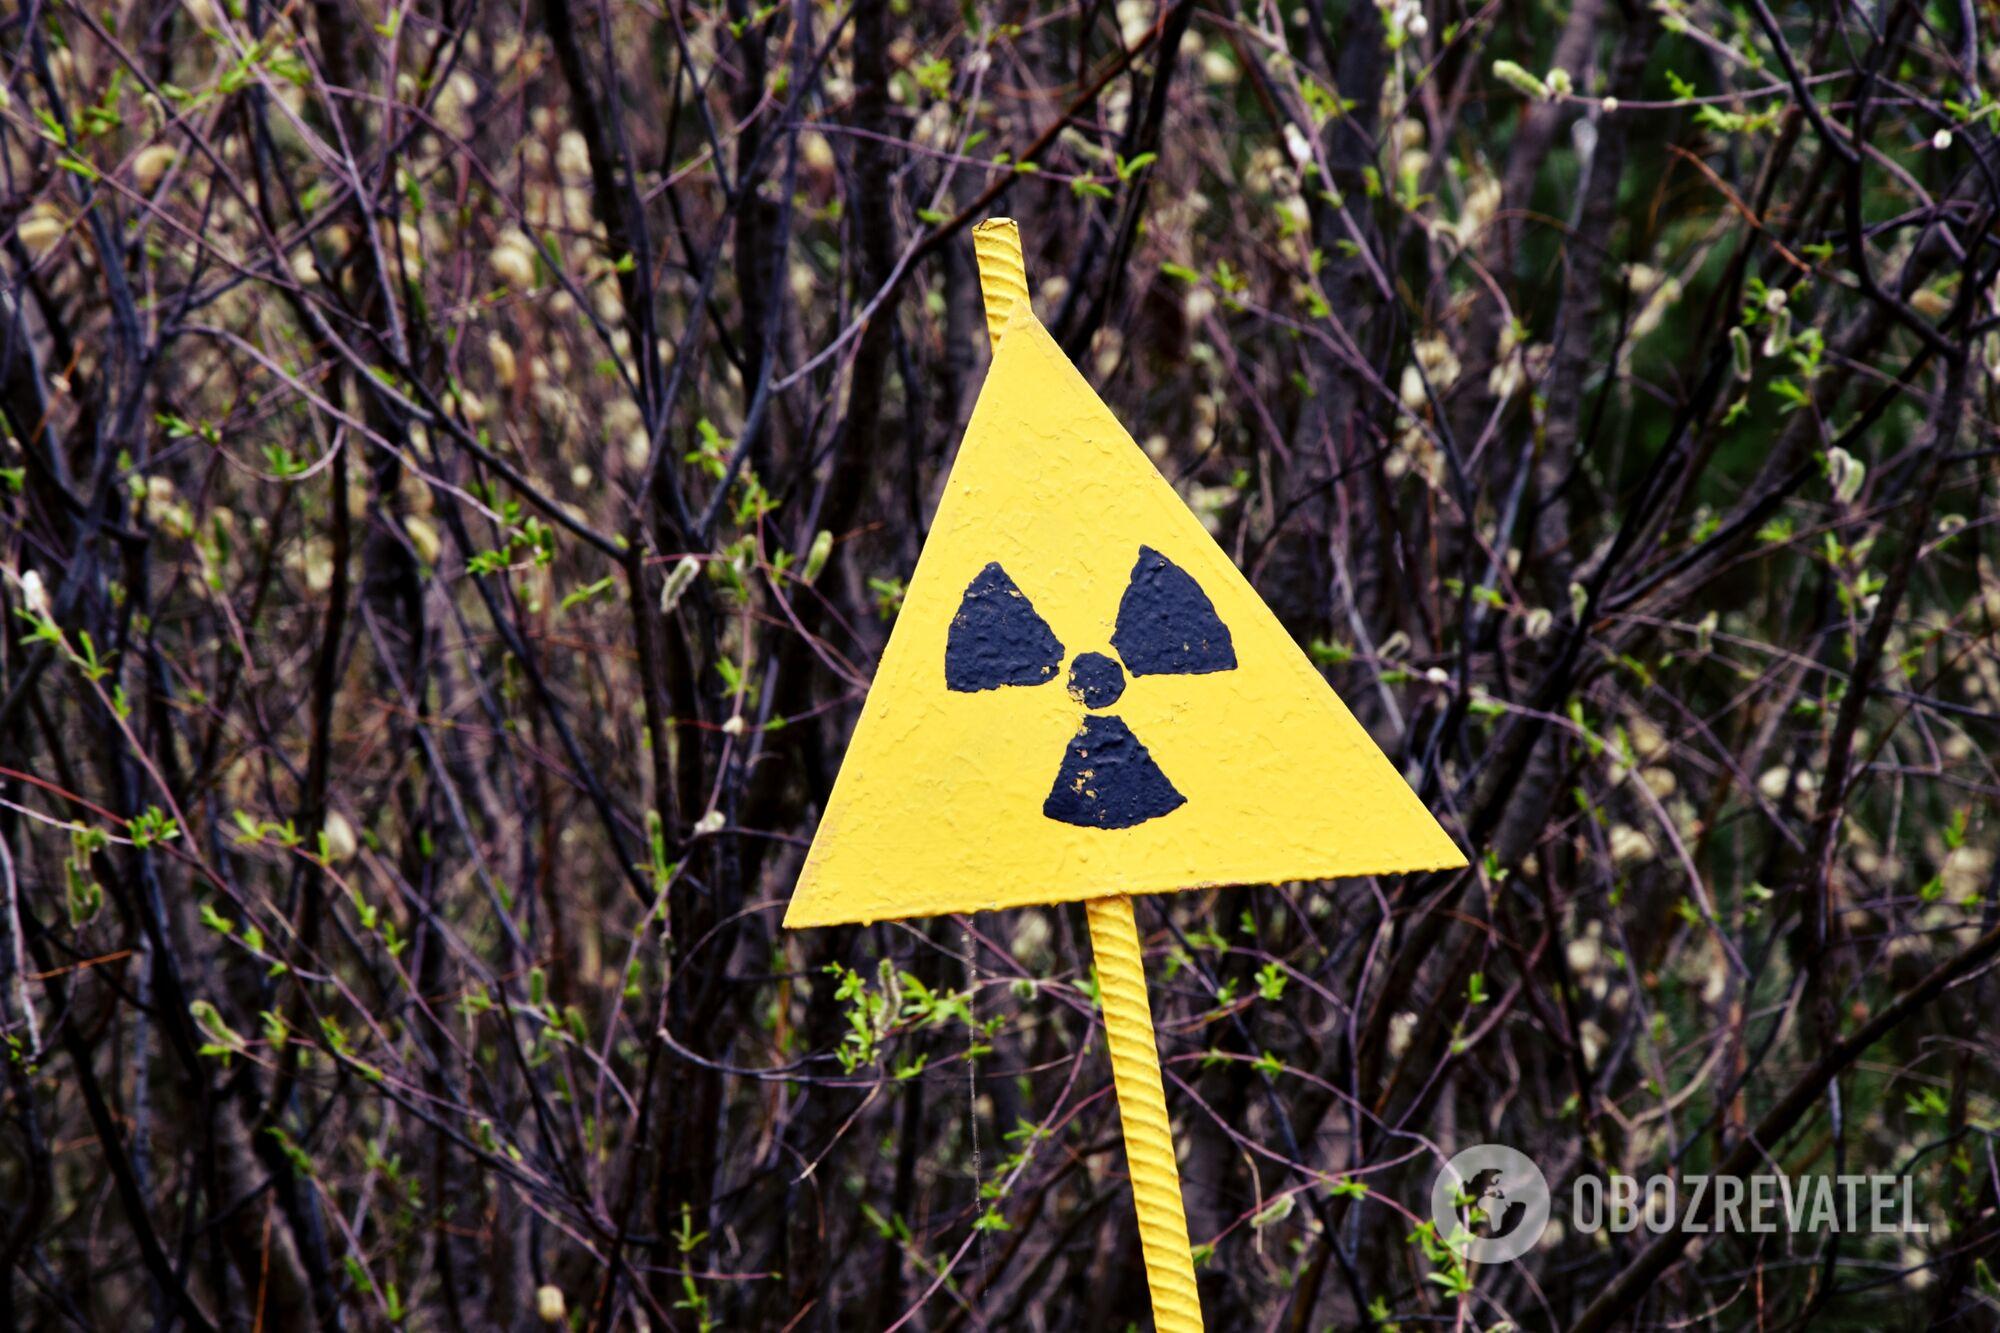 Чернобыль, или туда и обратно: репортаж из мертвой зоны